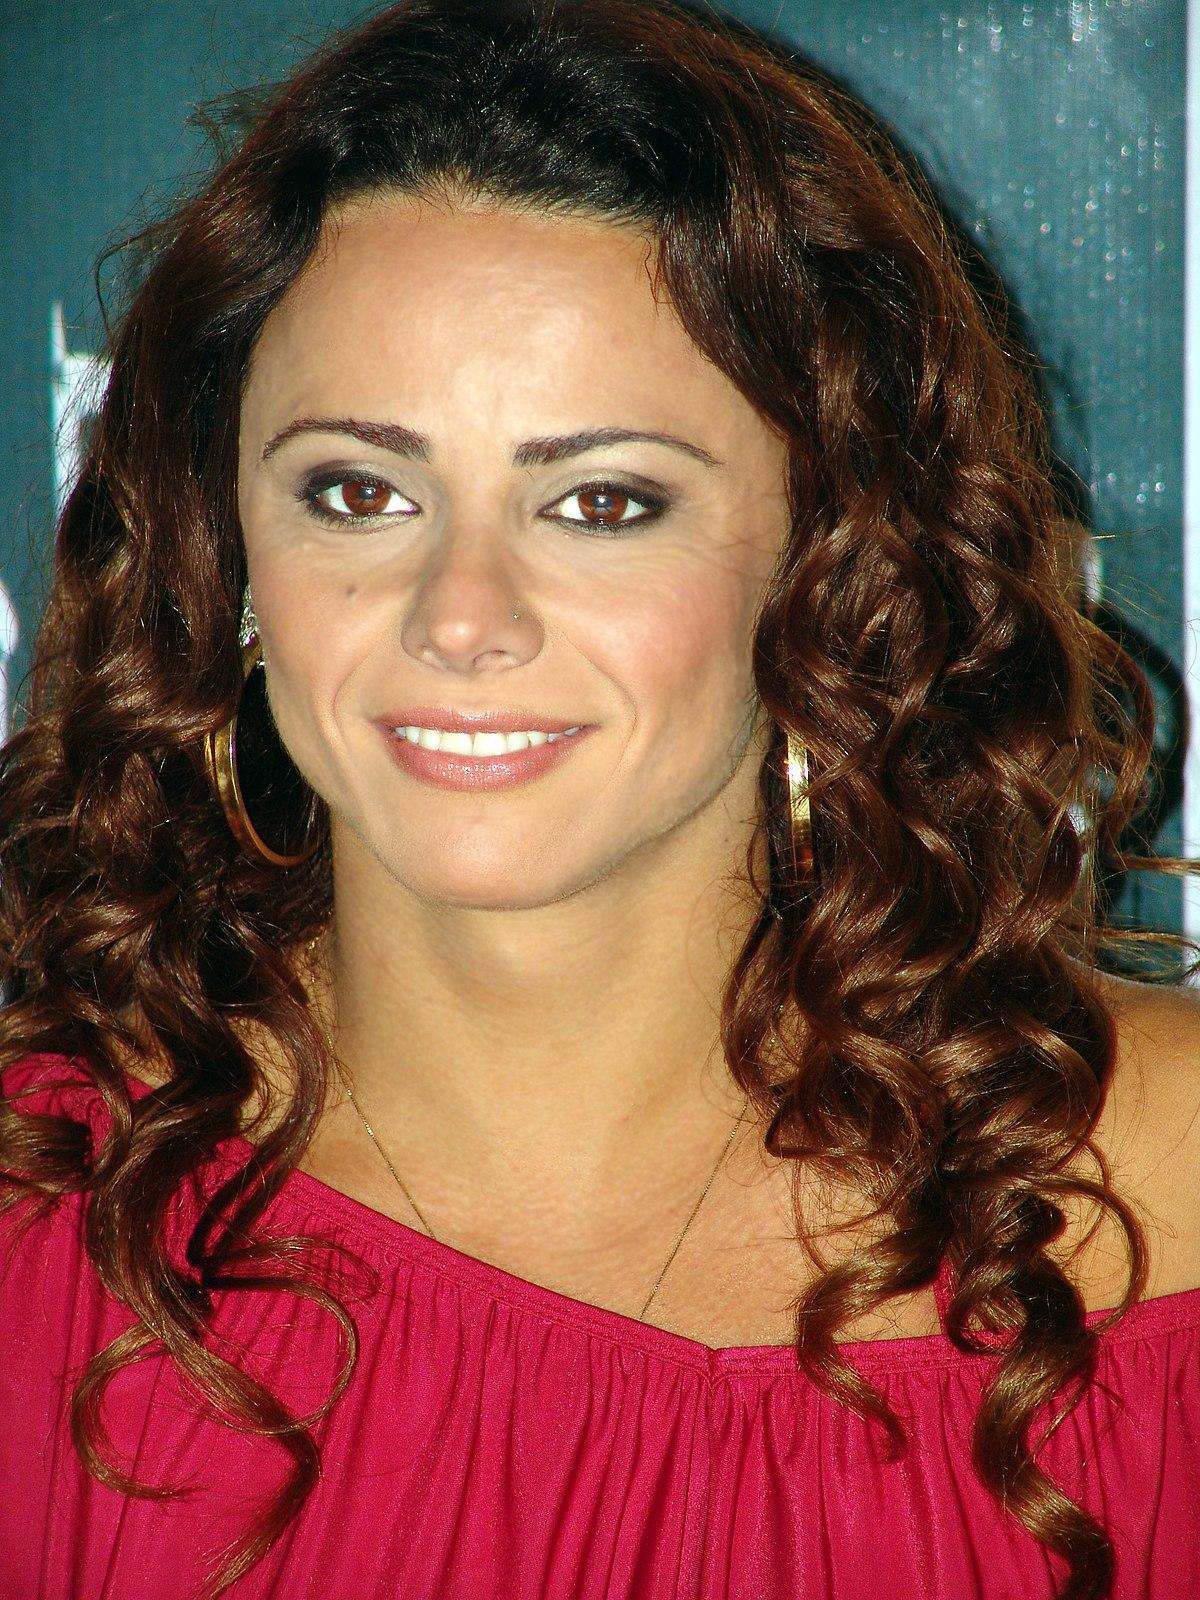 Viviane Araújo - Wikipedia